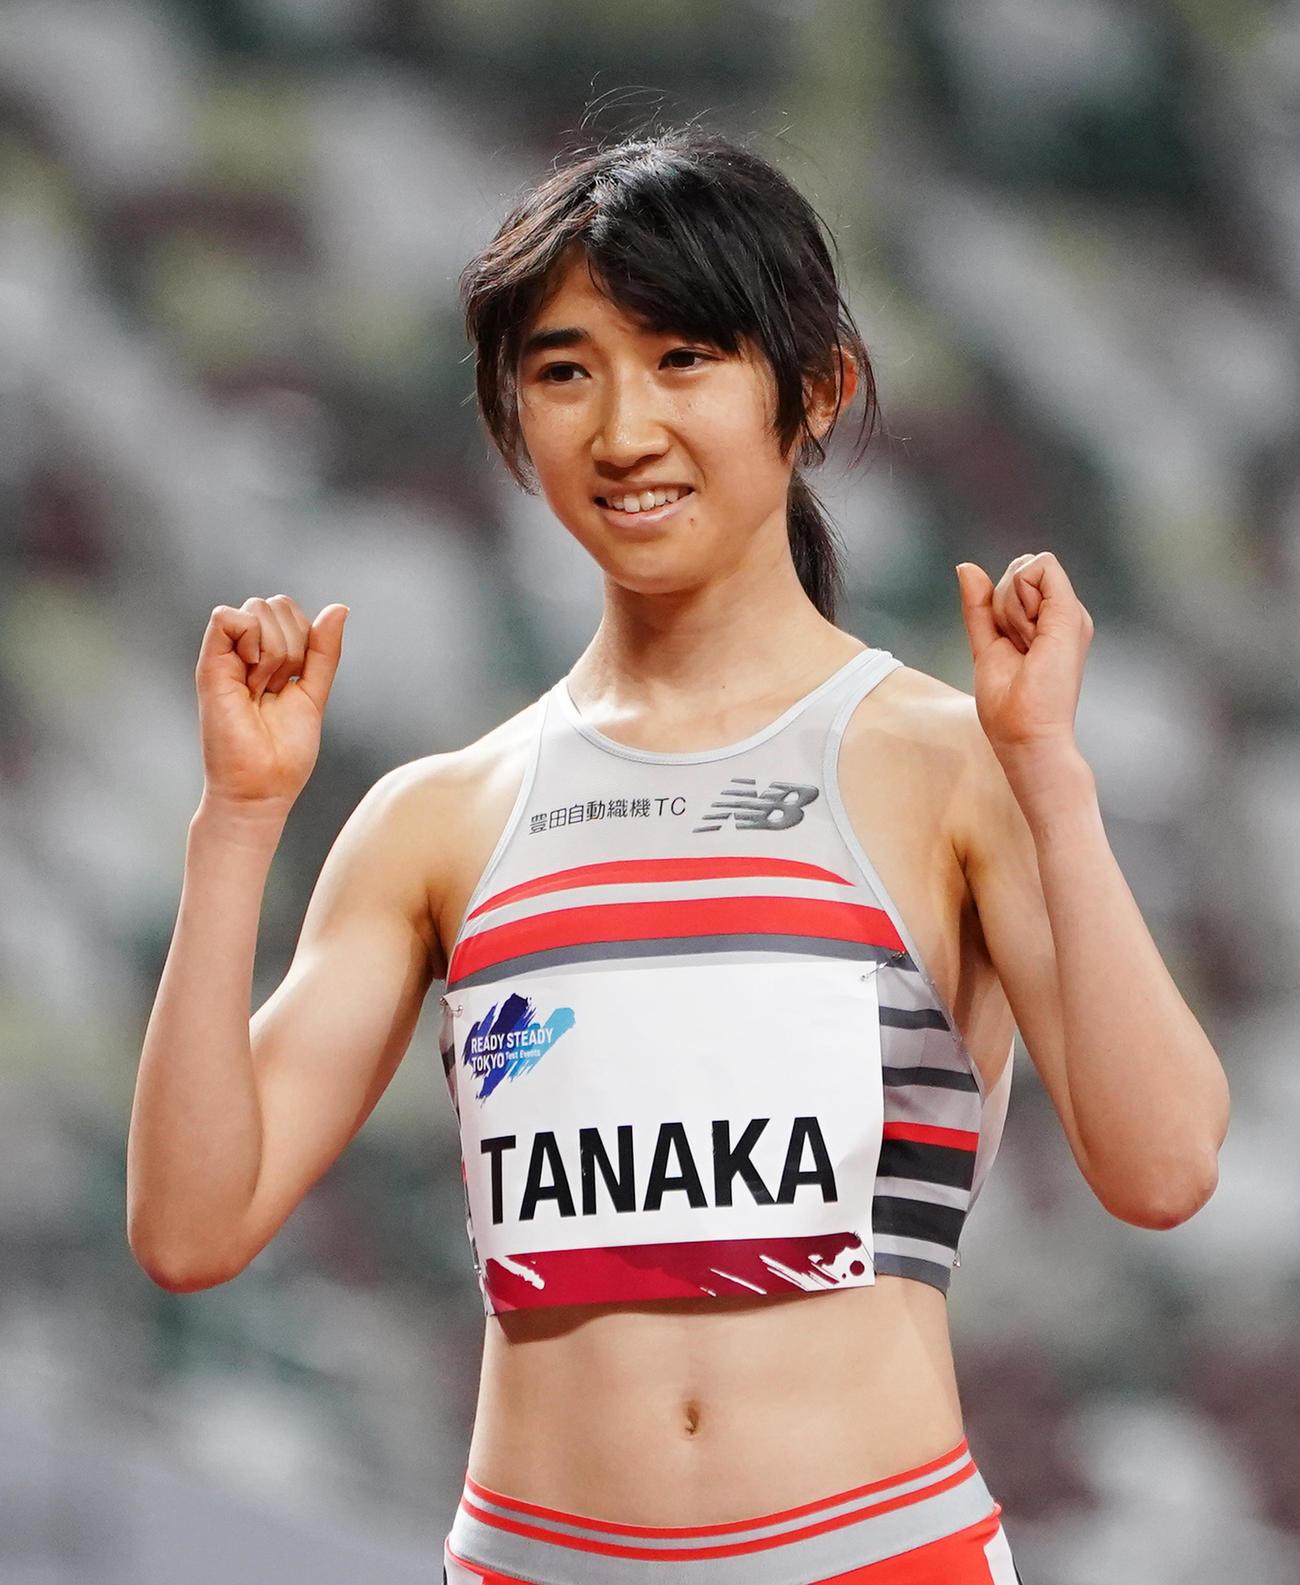 女子1500メートルで優勝しポーズをとる田中(撮影・菅敏)